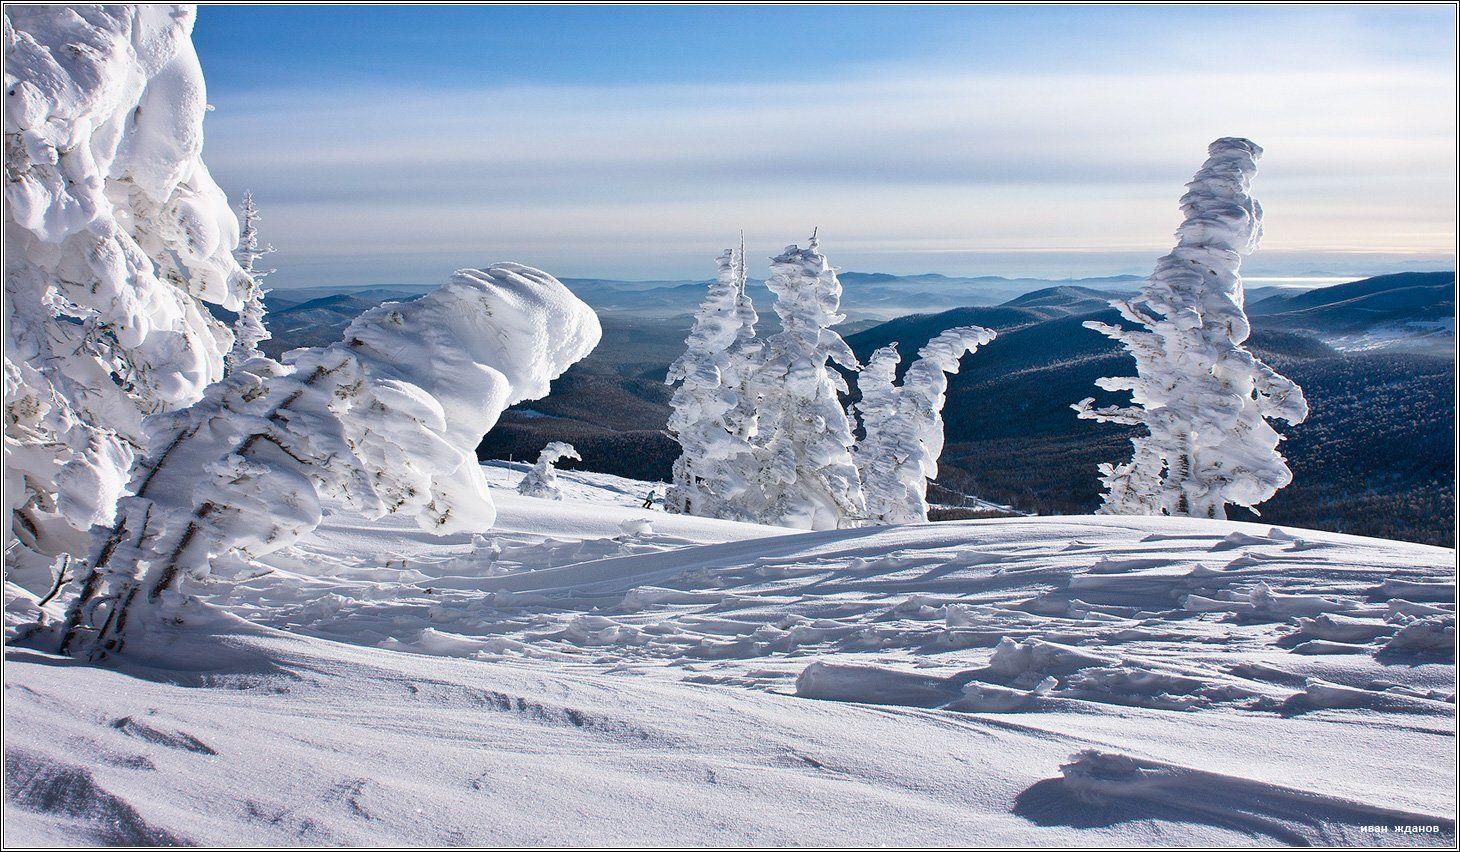 горы, шерегеш, горная шория, зима, сибирь, фрирайд, Иван Жданов